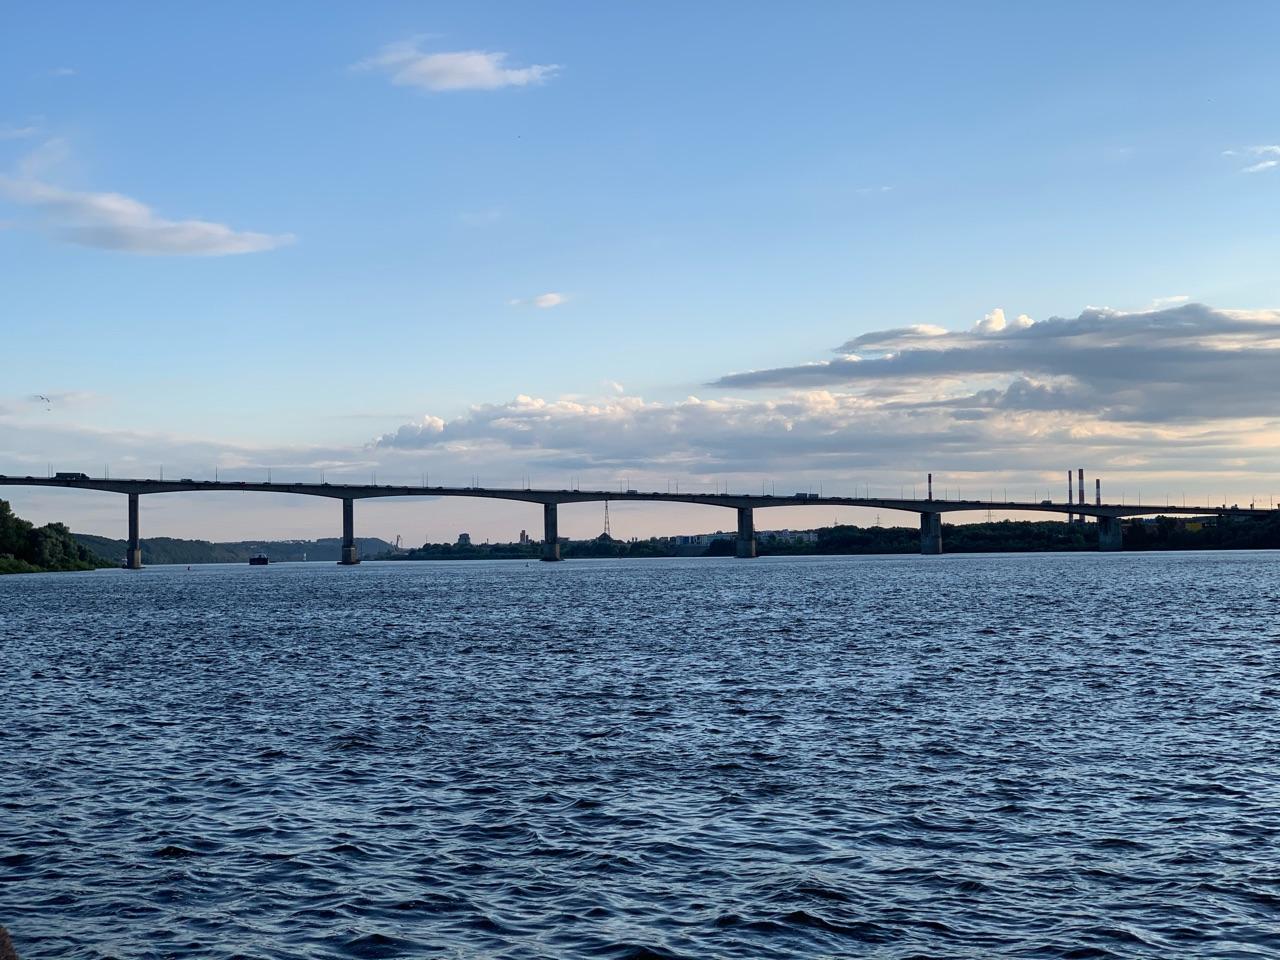 Правительство Нижегородской области выделит 400 млн рублей на ремонт 11 мостов - фото 1